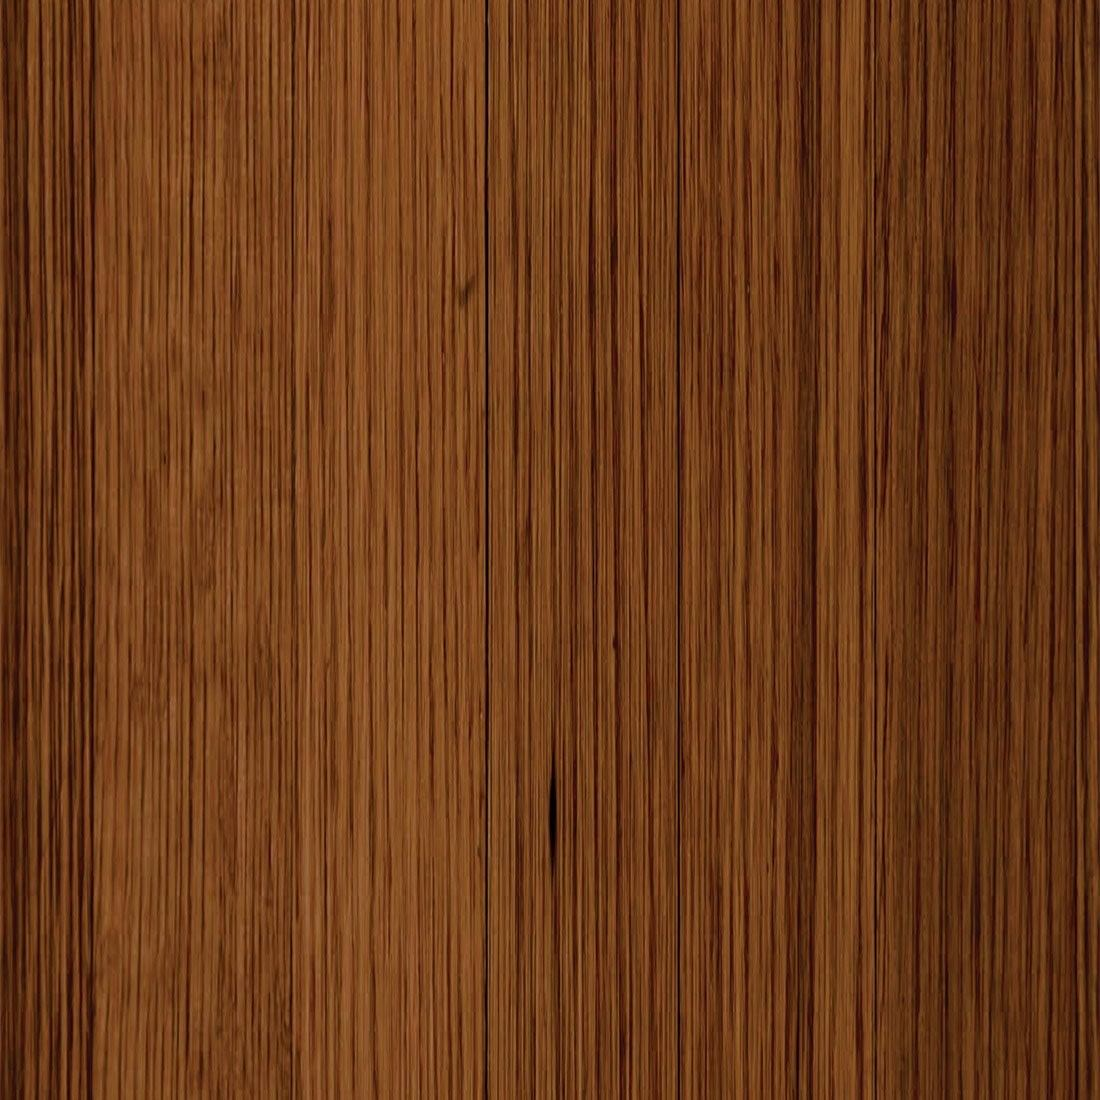 Papel de parede imita madeira auto adesivo r 47 00 em for Papel de pared madera